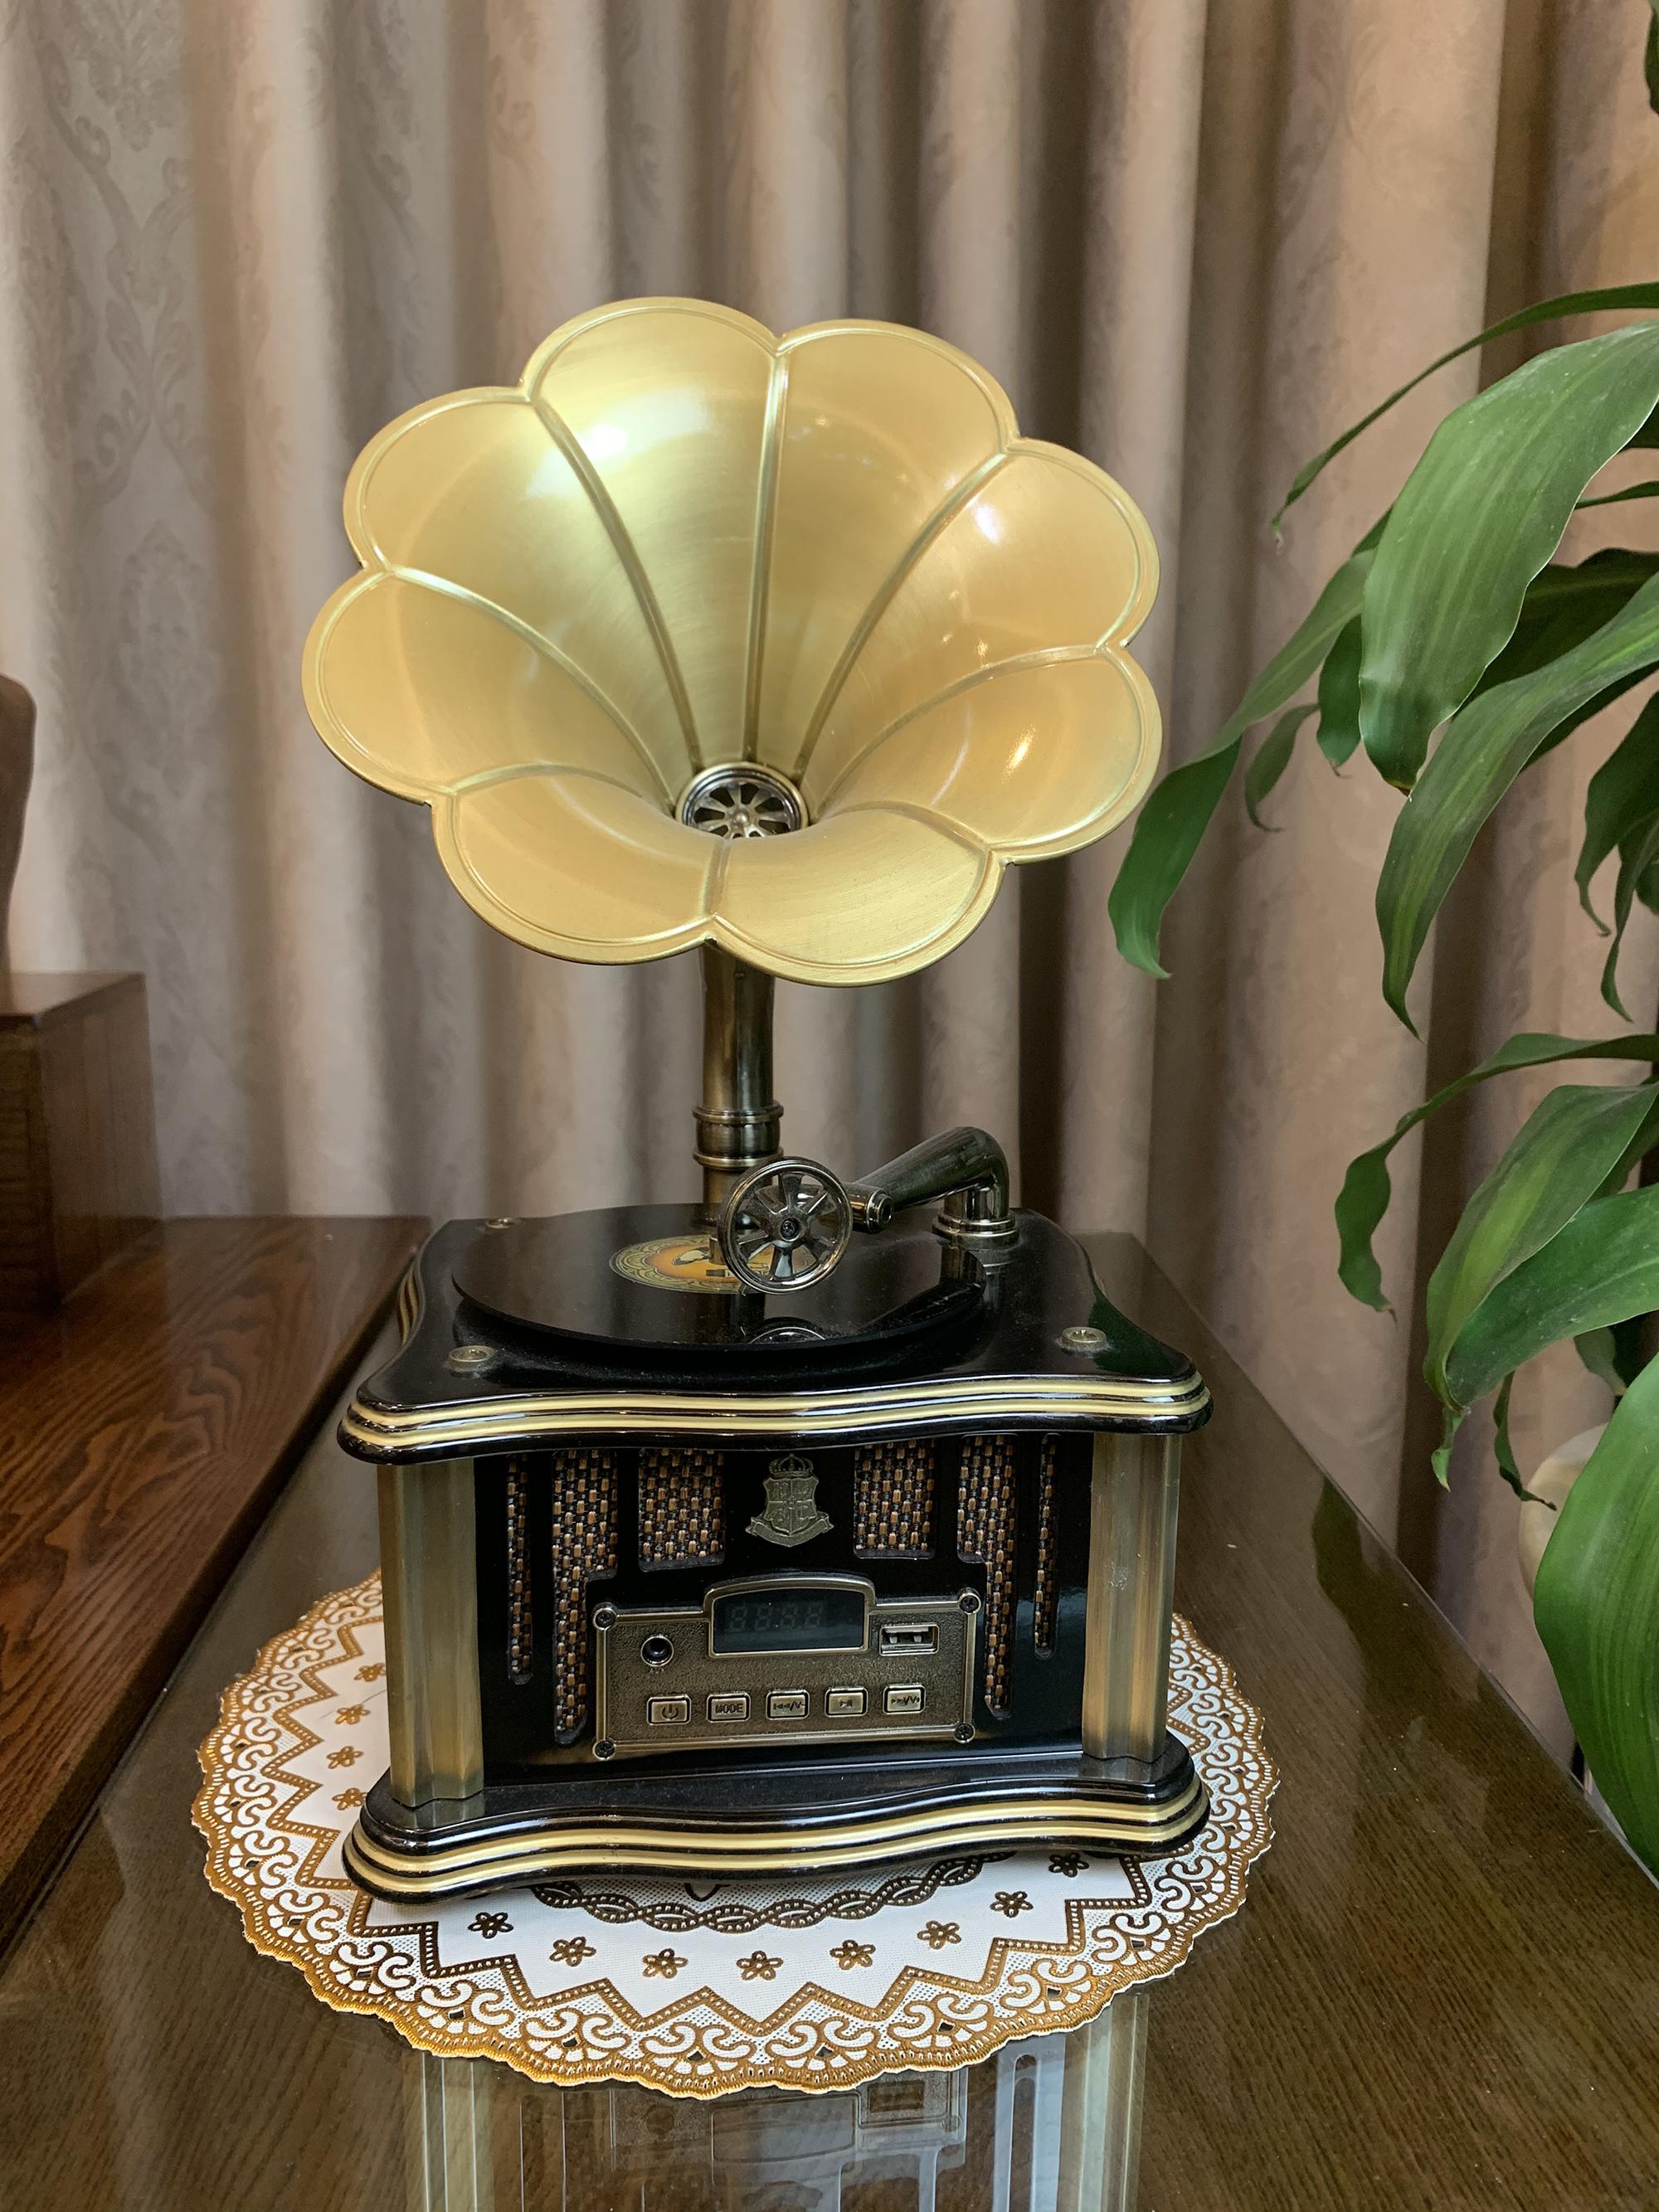 Bộ Combo Sản Phẩm Máy Hát Loa Kèn (Vàng Đen) + Điện Thoại Bàn Dùng Sim Di Động (Combo1)